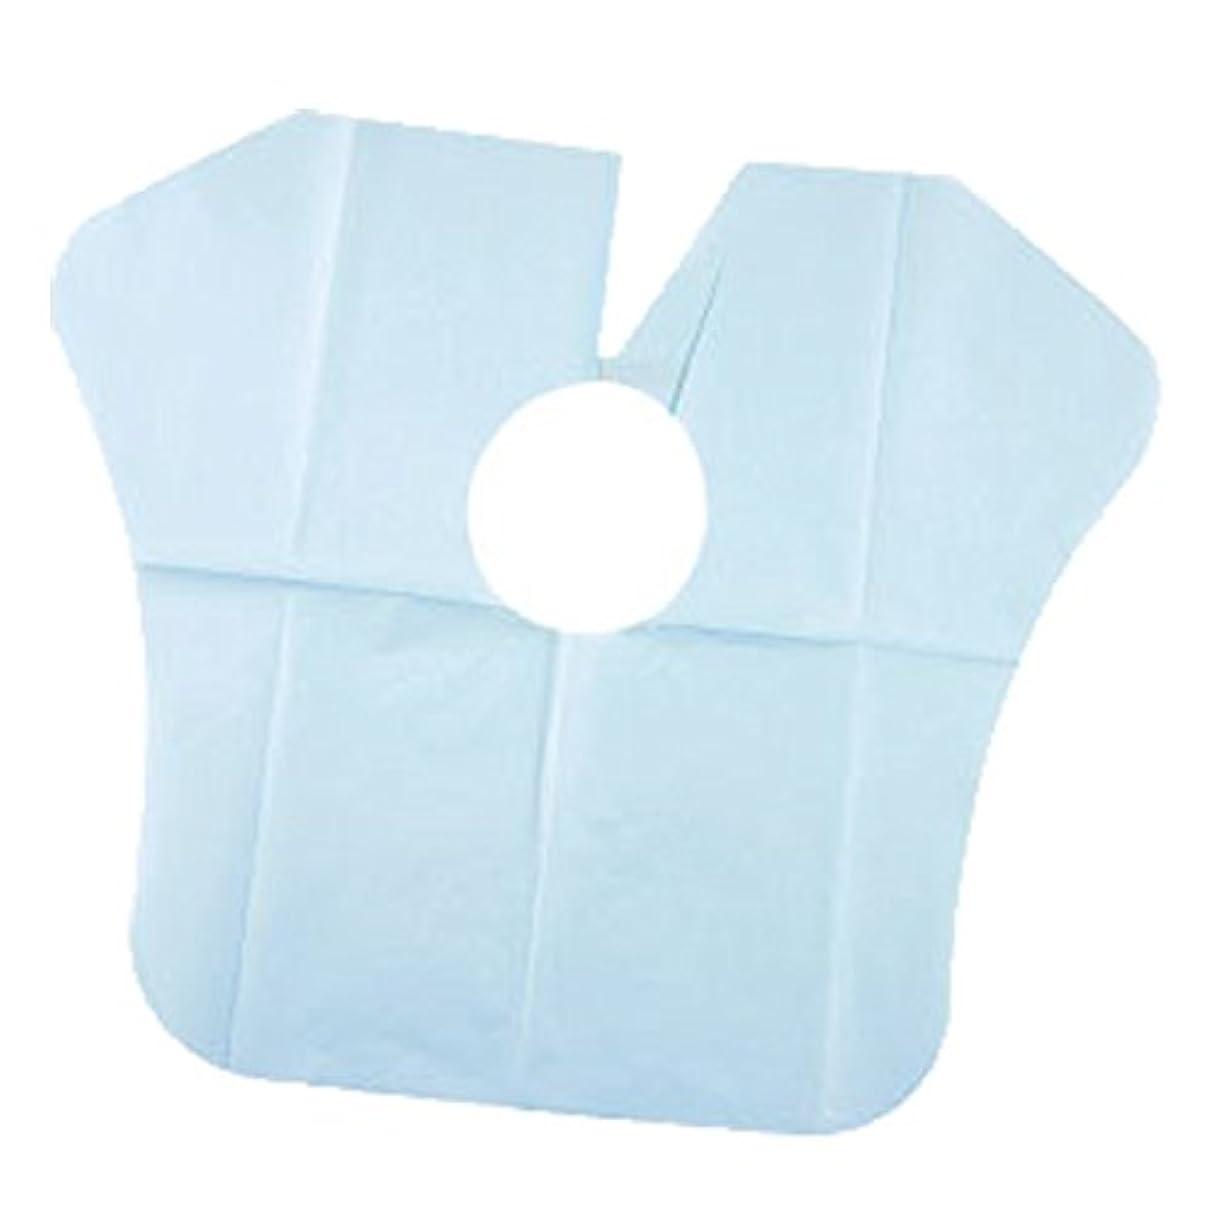 切り下げ経験者集団的ヨネコ ペーパーケープ 30枚入 不織布 ヘアダイクロスを汚れから守ります! YONECO